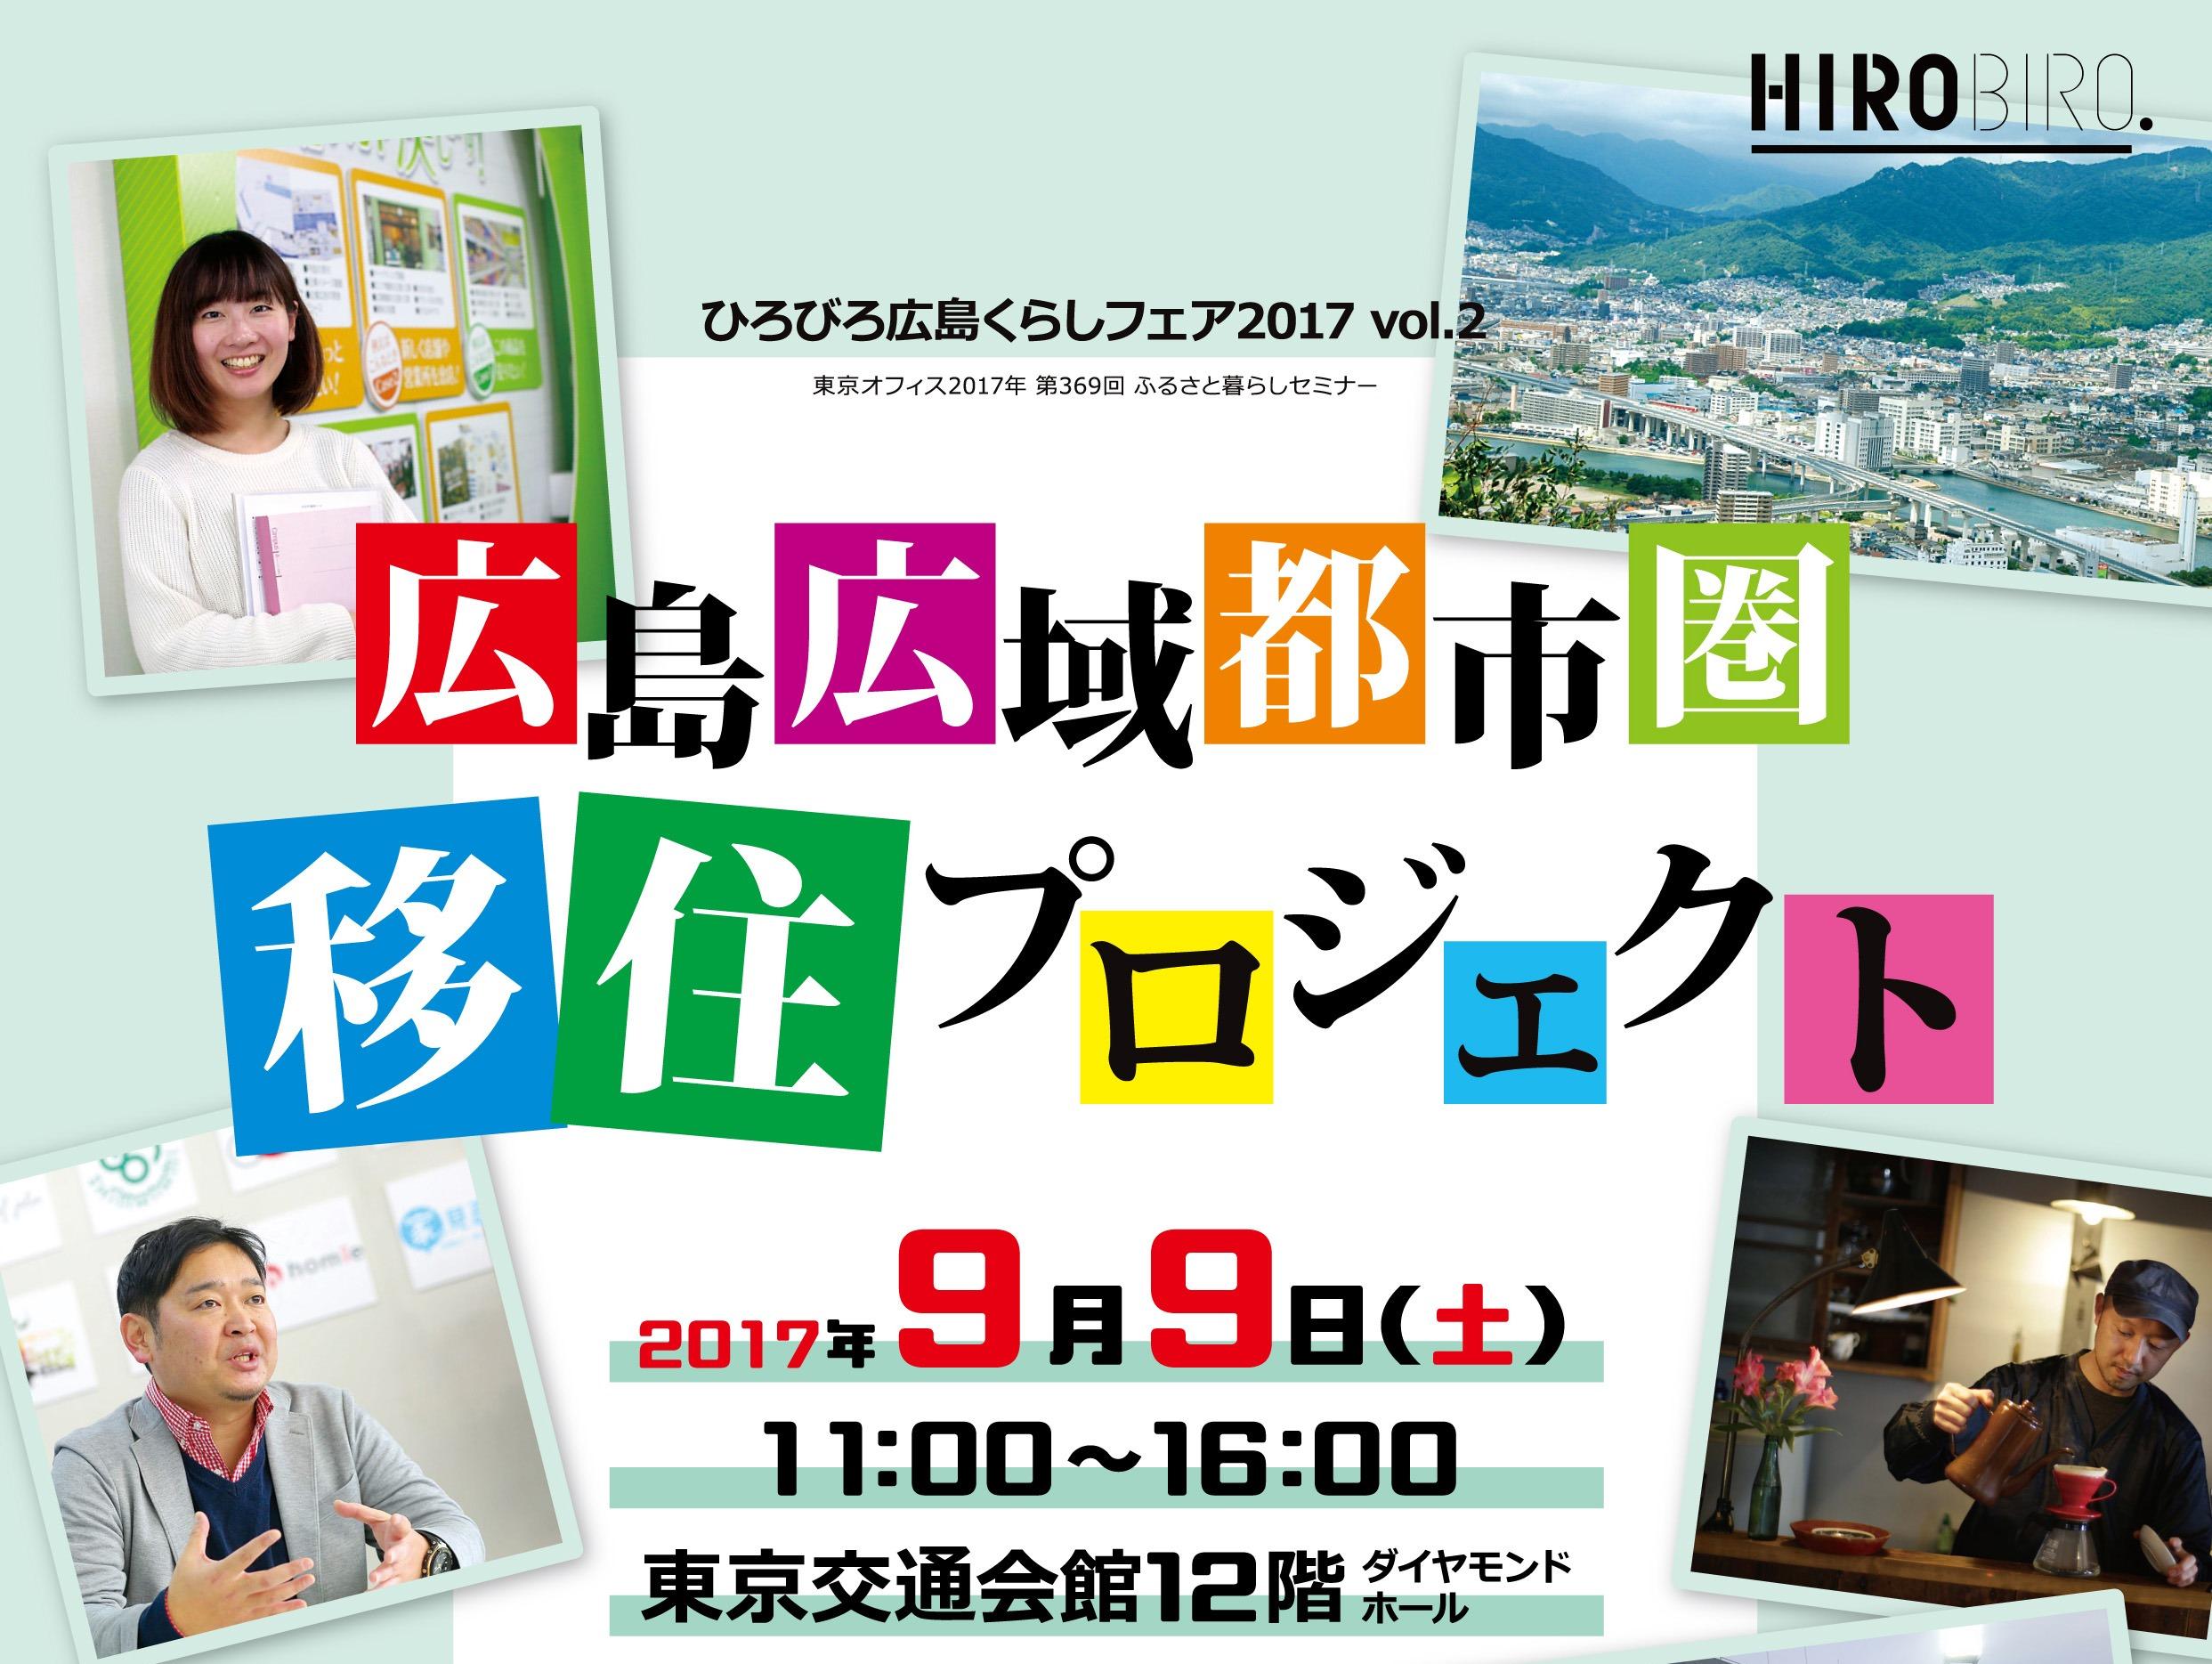 HIROBIRO.ひろしま暮らしフェア2017vol.2を開催します。